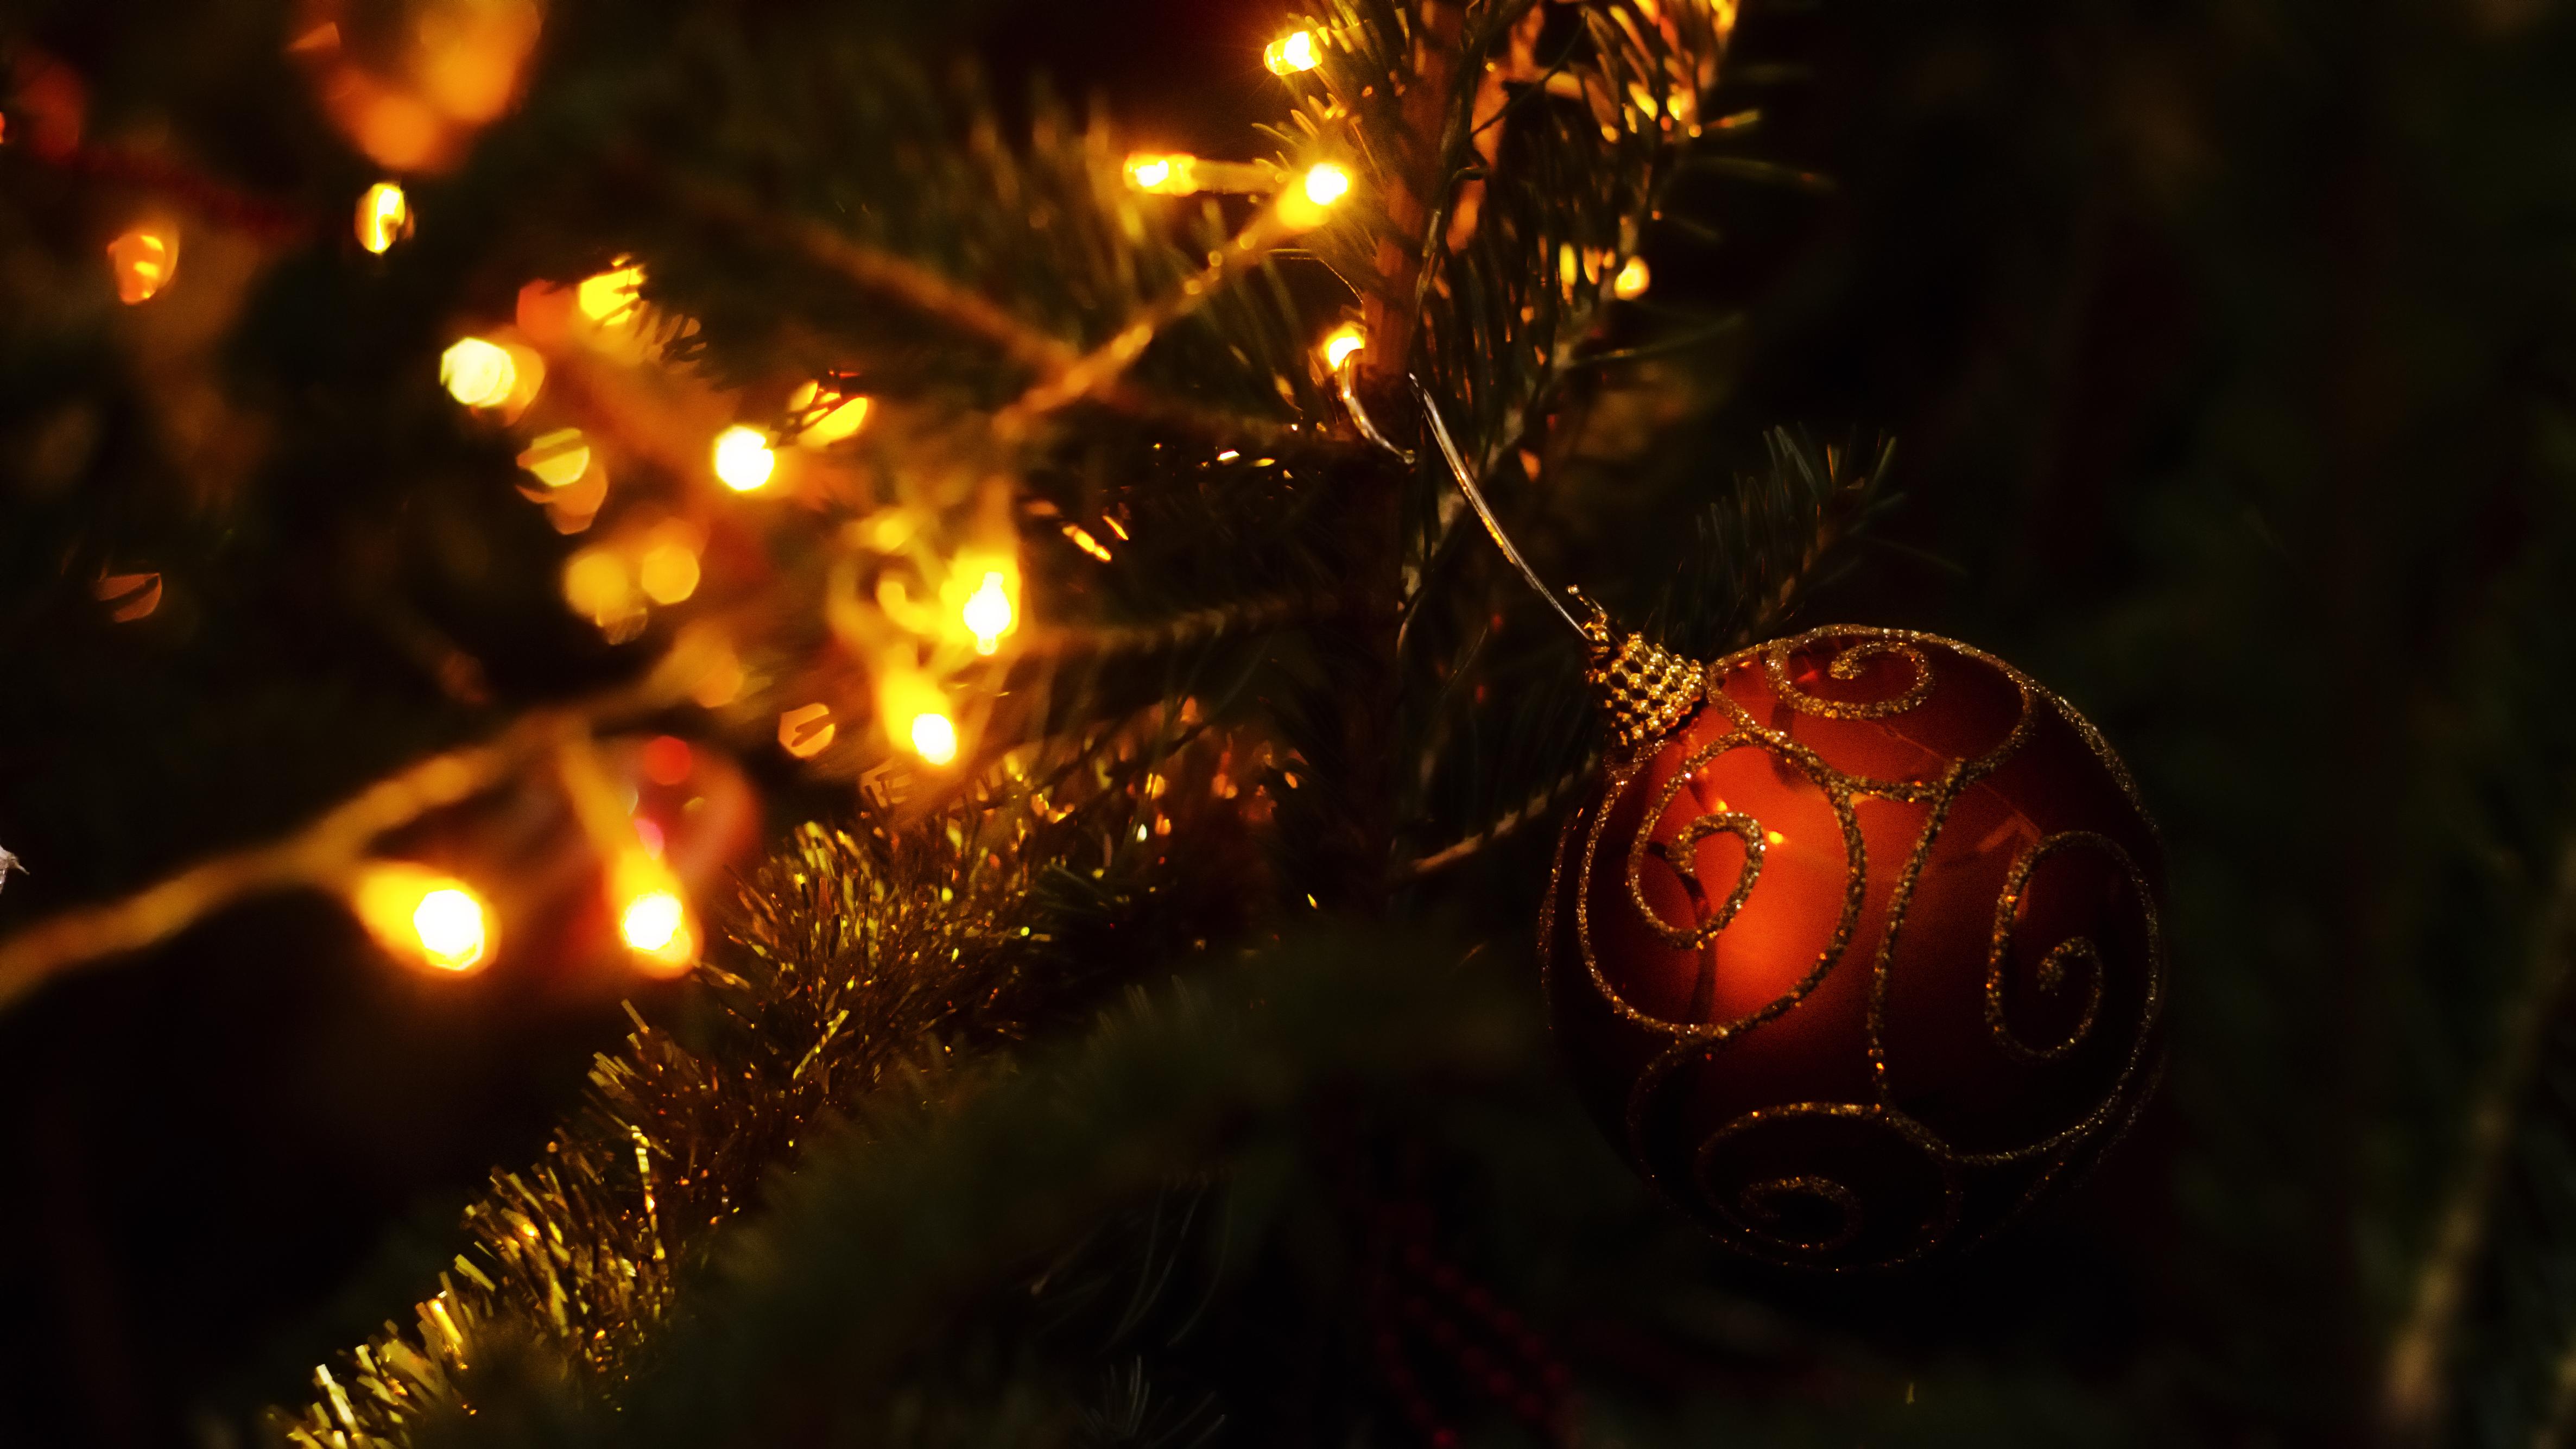 Dragoș Asaftei vă urează sărbători fericite! #2